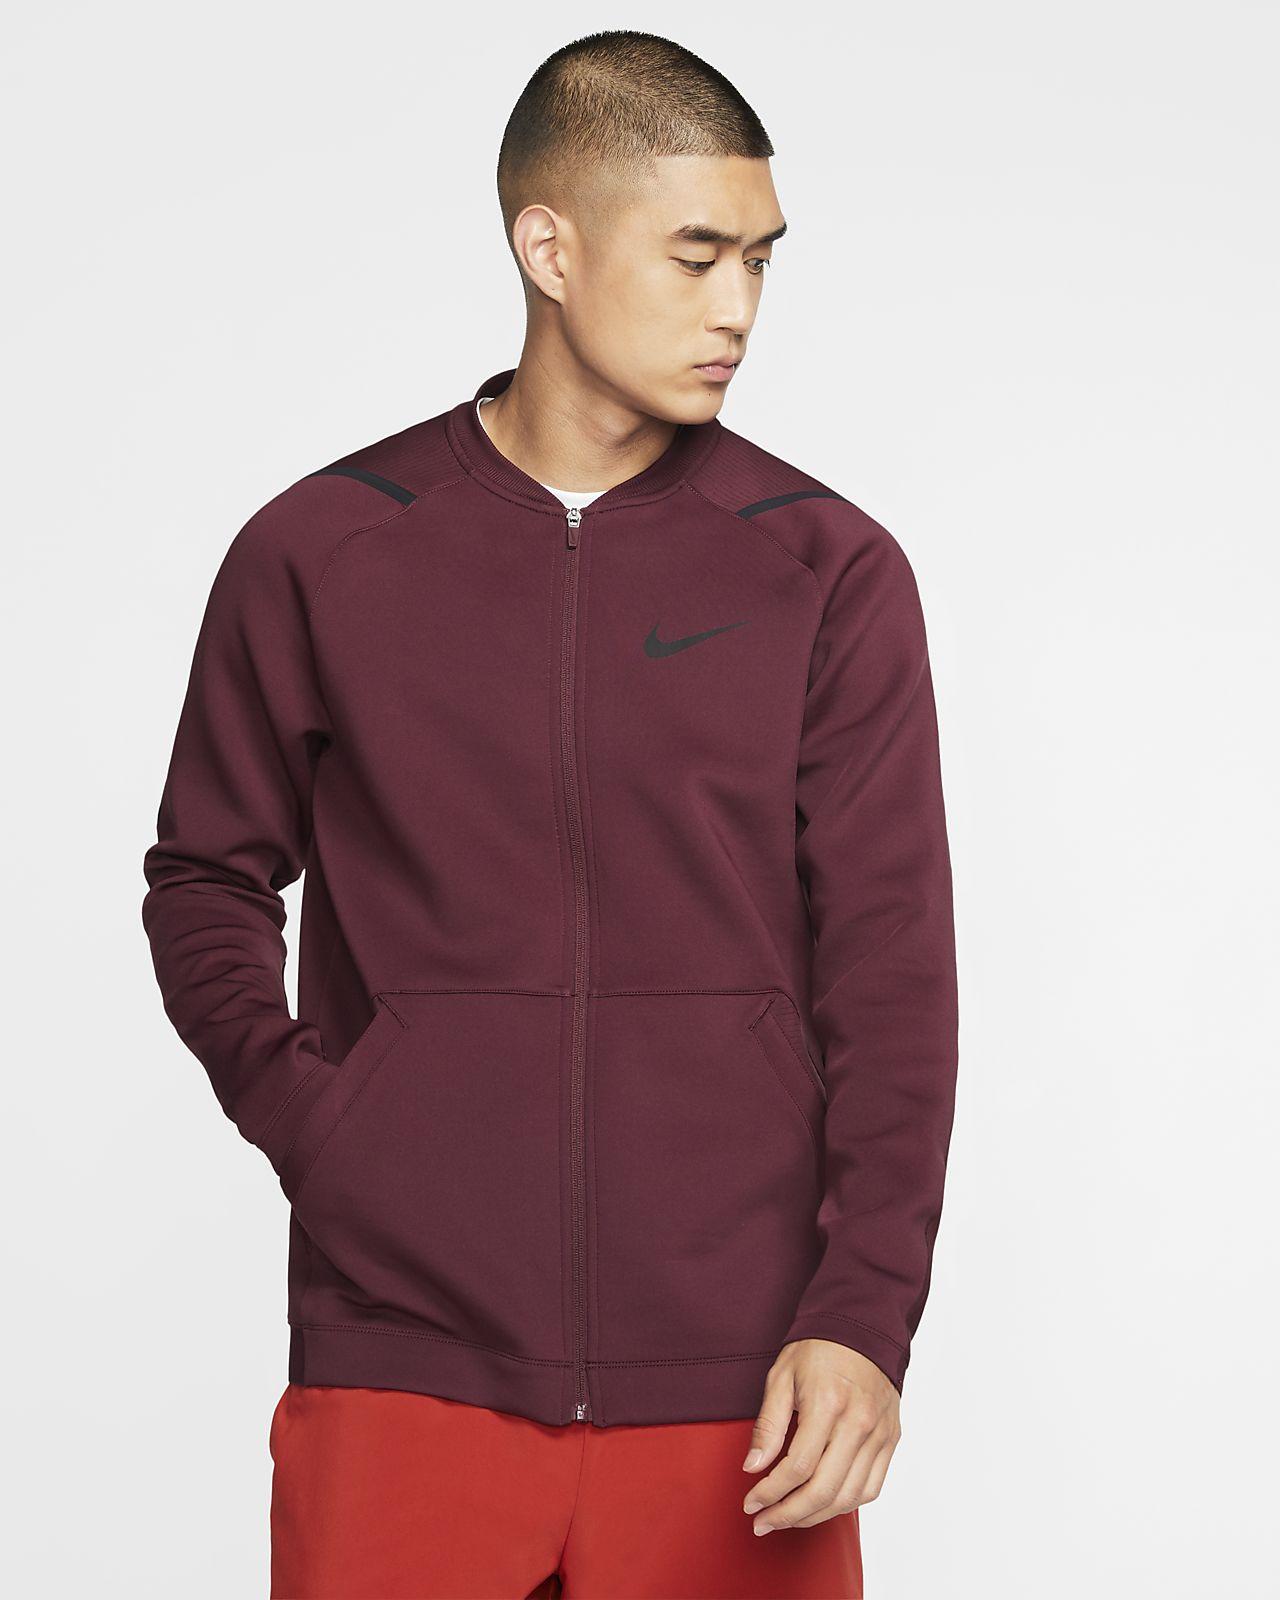 Nike Pro-jakke til mænd